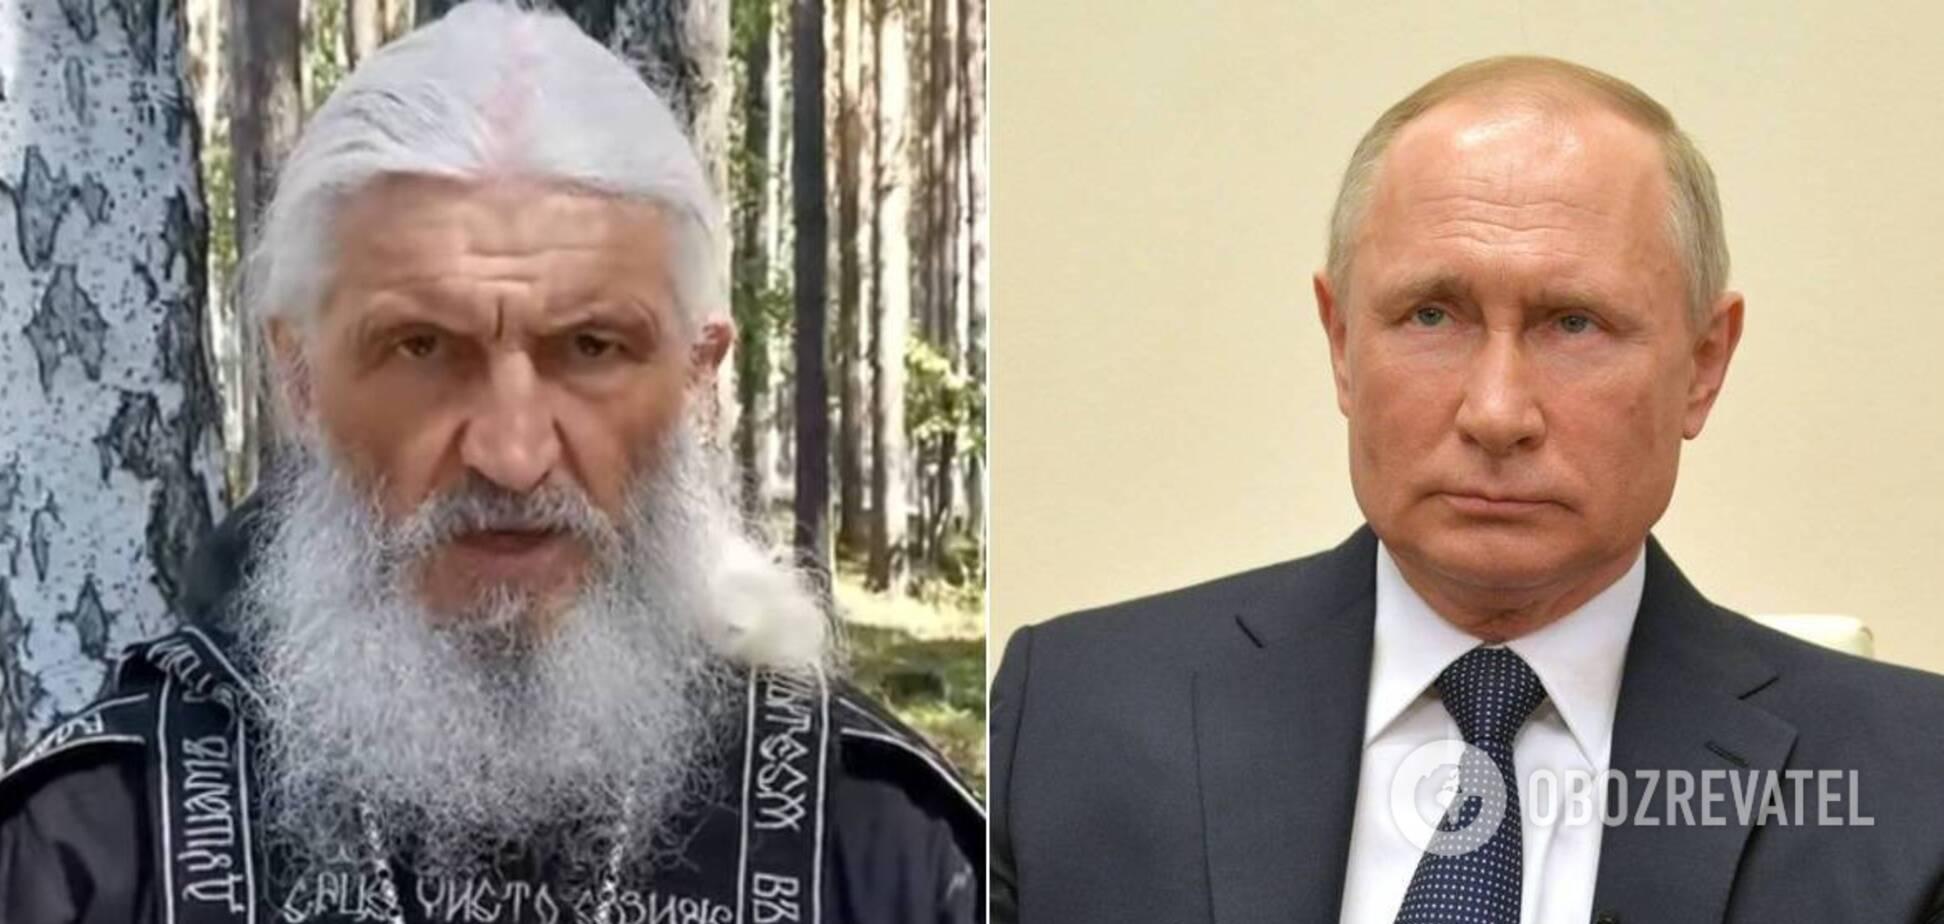 Сергій Романов і Володимир Путін